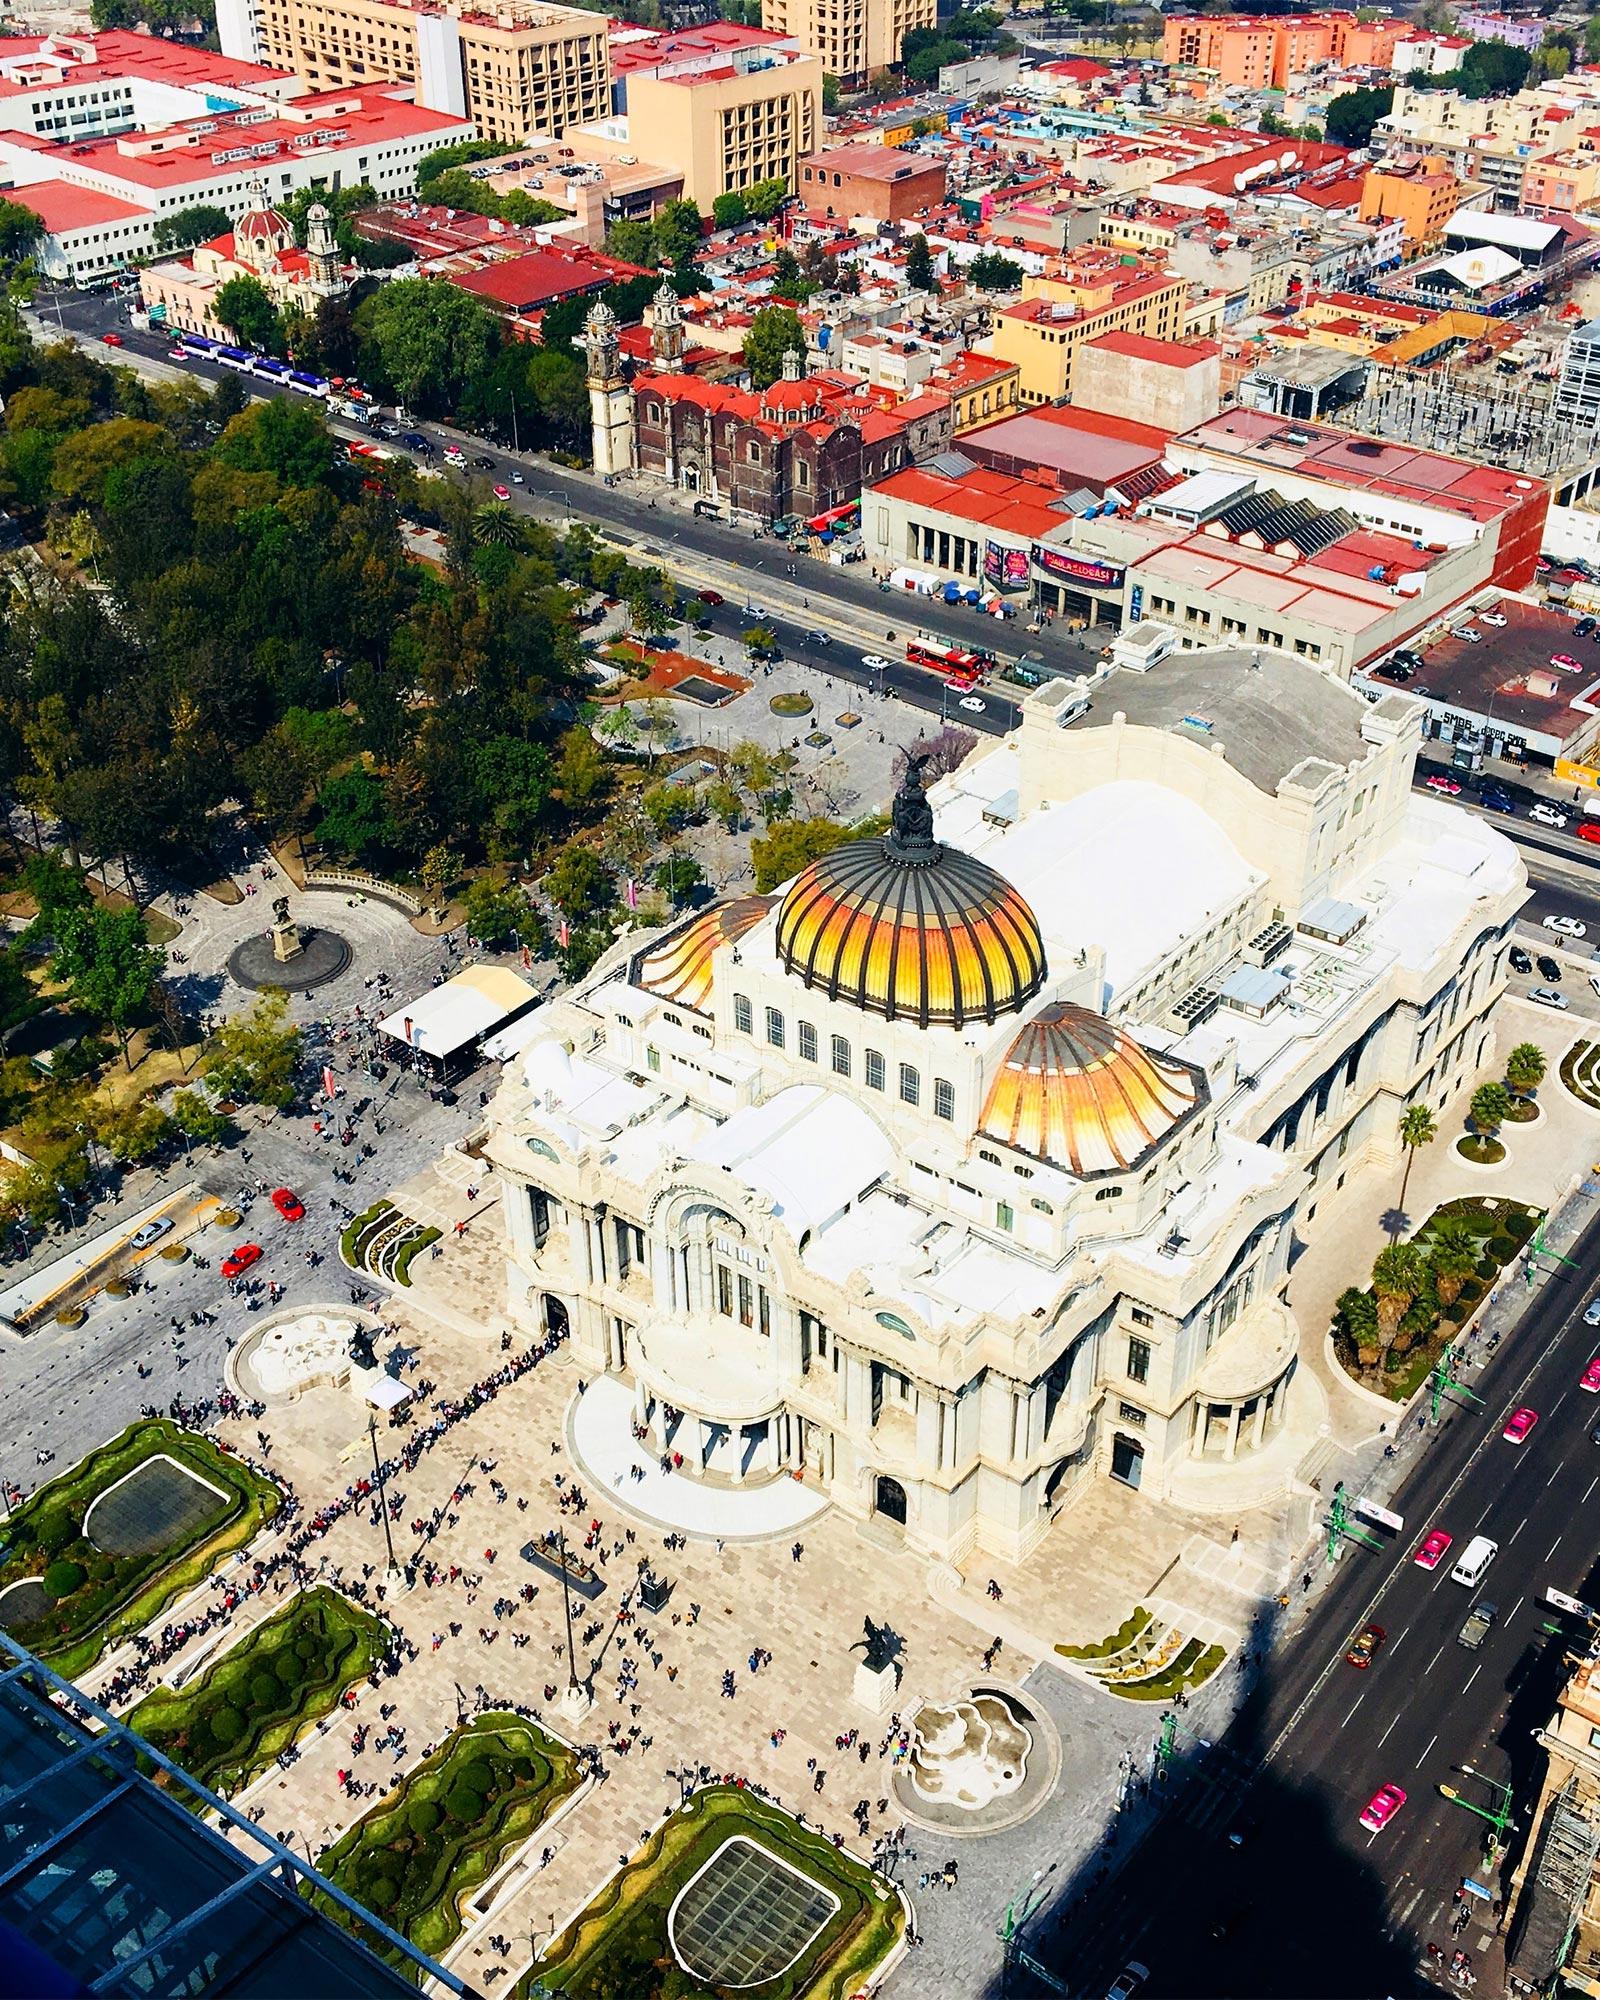 Palacio de Bellas Artes in Centro Histórico in Mexico City